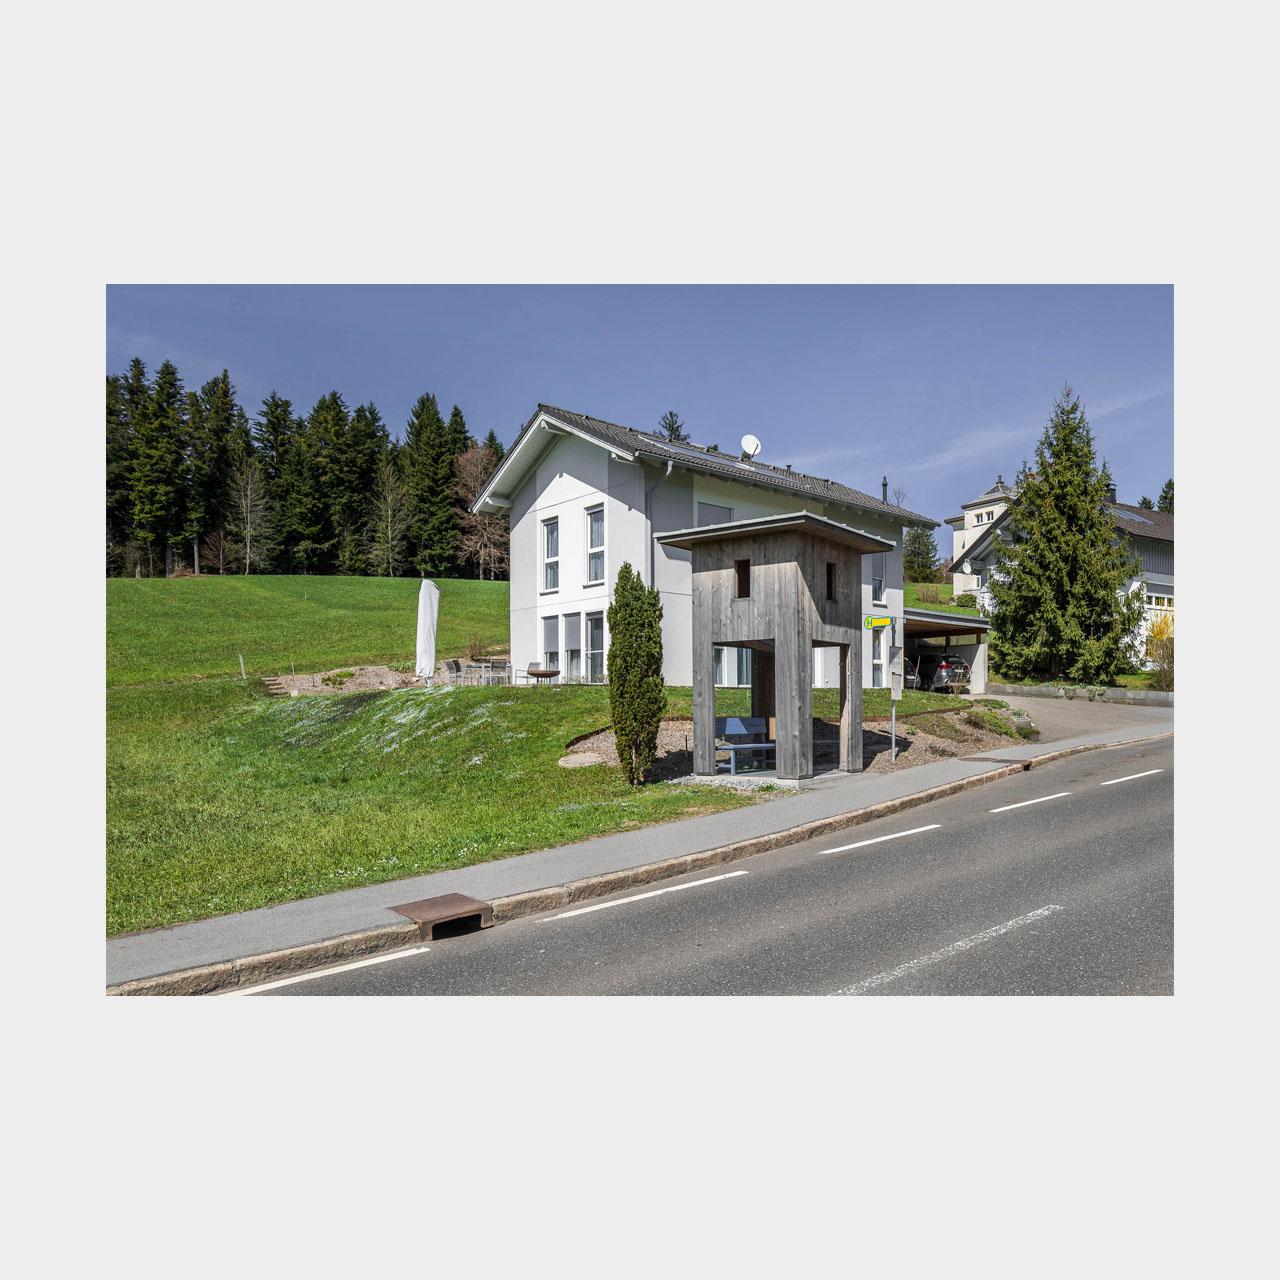 Architekturfotografie Krumbach Bushaltestelle Oberkrumbach